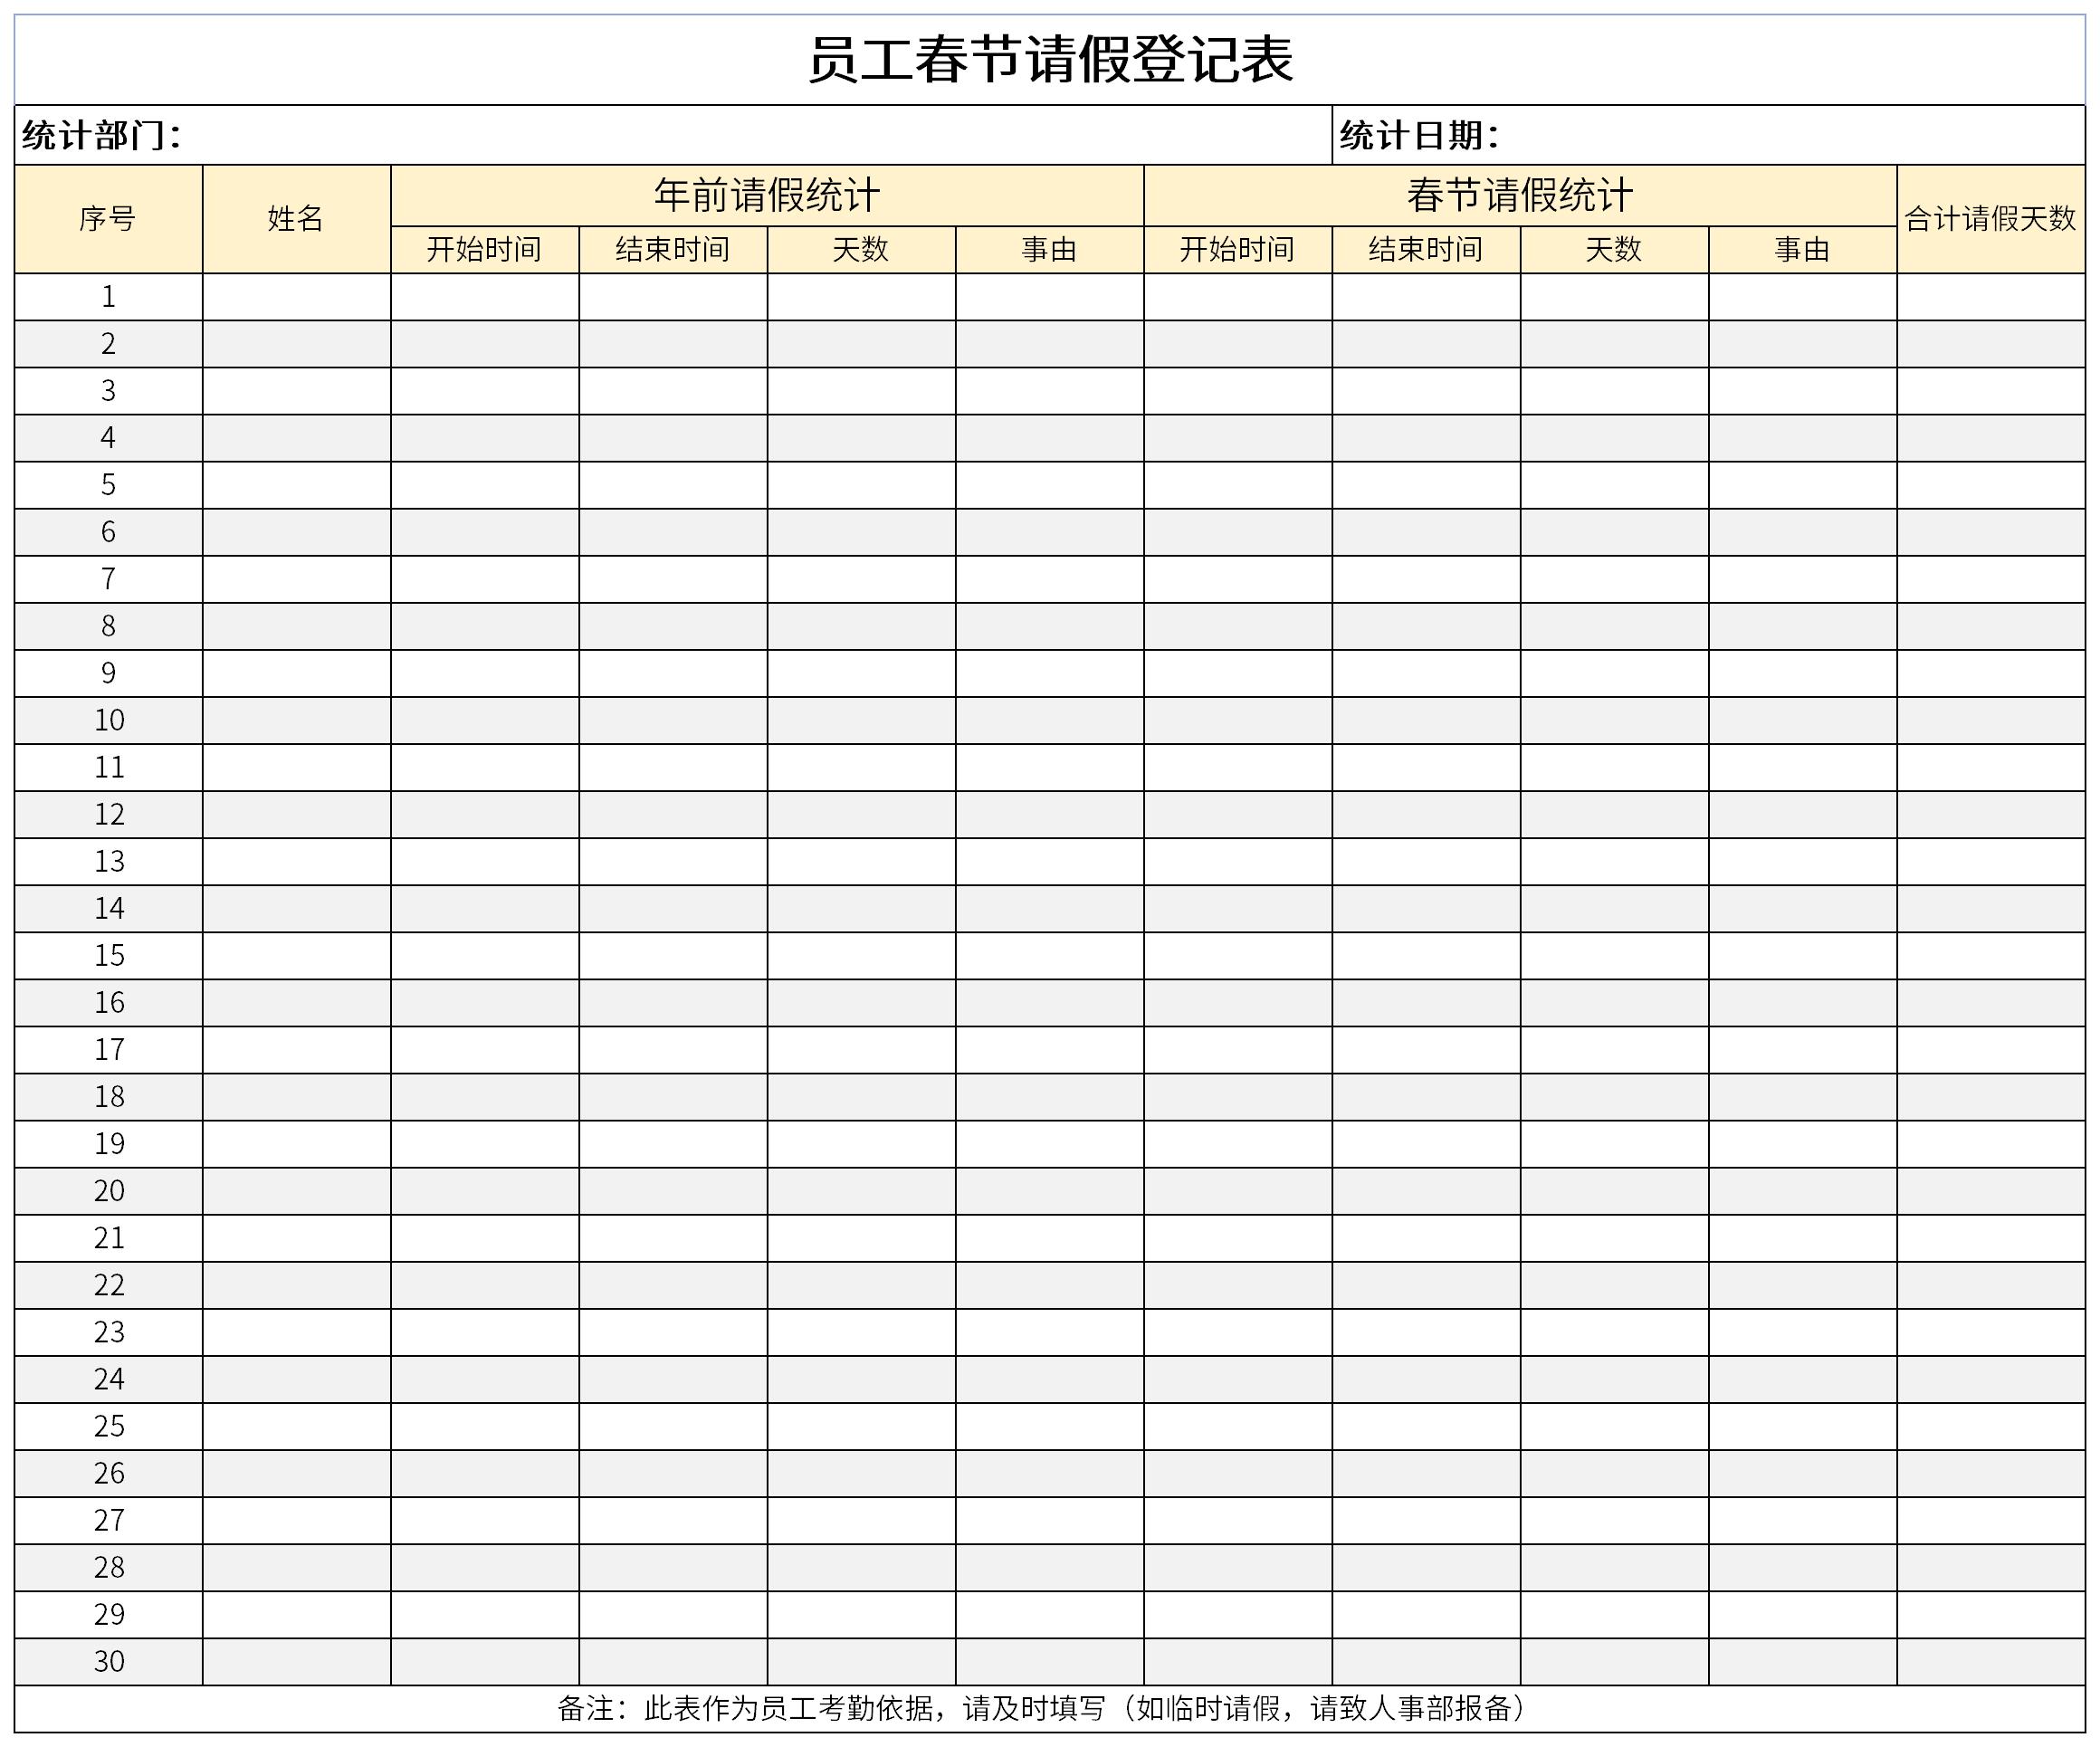 员工春节请假登记表截图